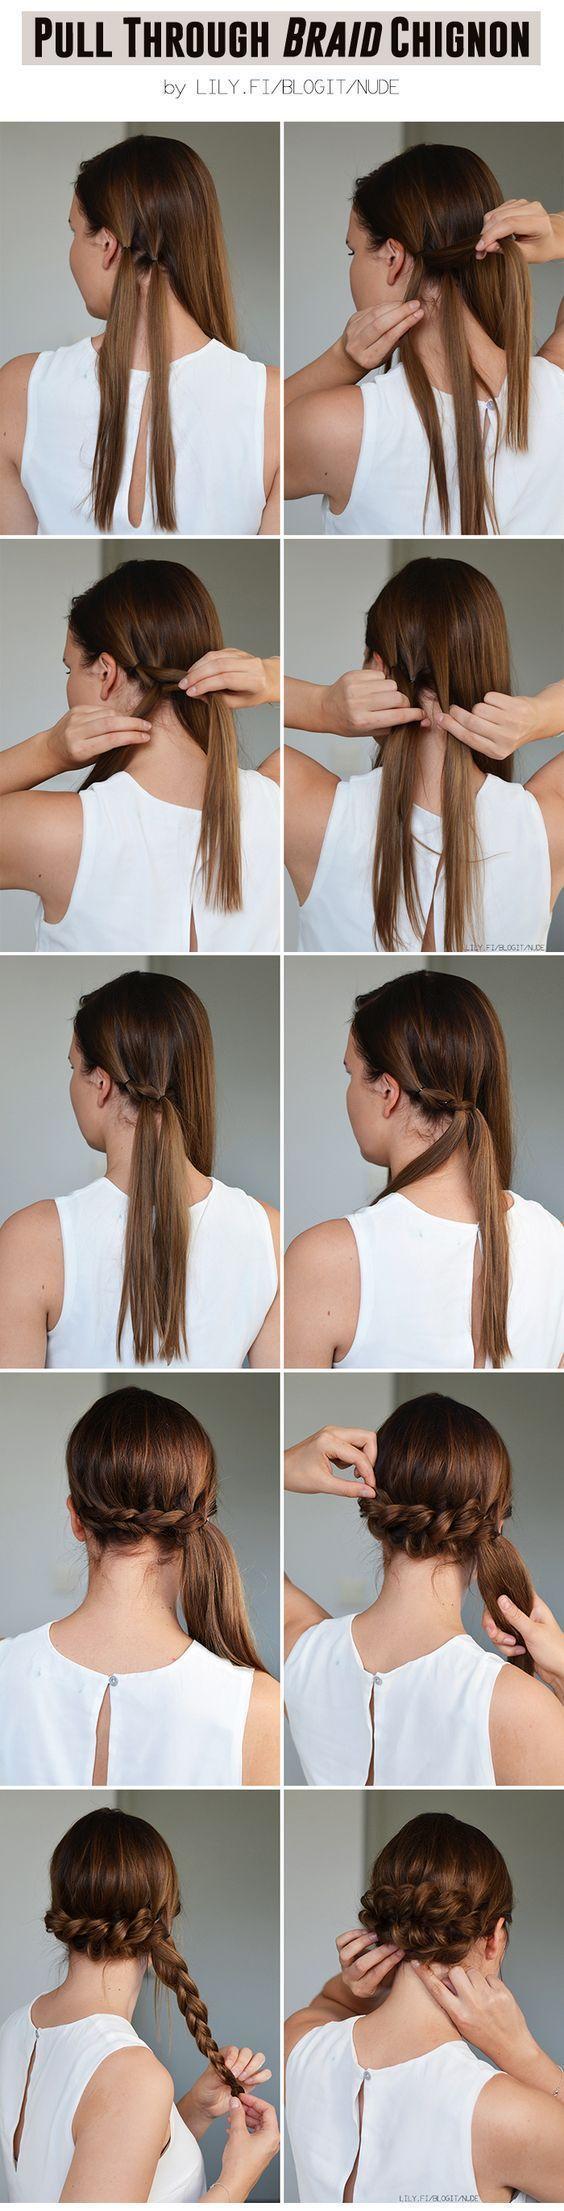 Flammkuchentoast Mit Speck Und Zwiebeln Coiffure Coiffure Flammkuchen In 2020 Long Hair Girl Braids For Long Hair Long Hair Styles